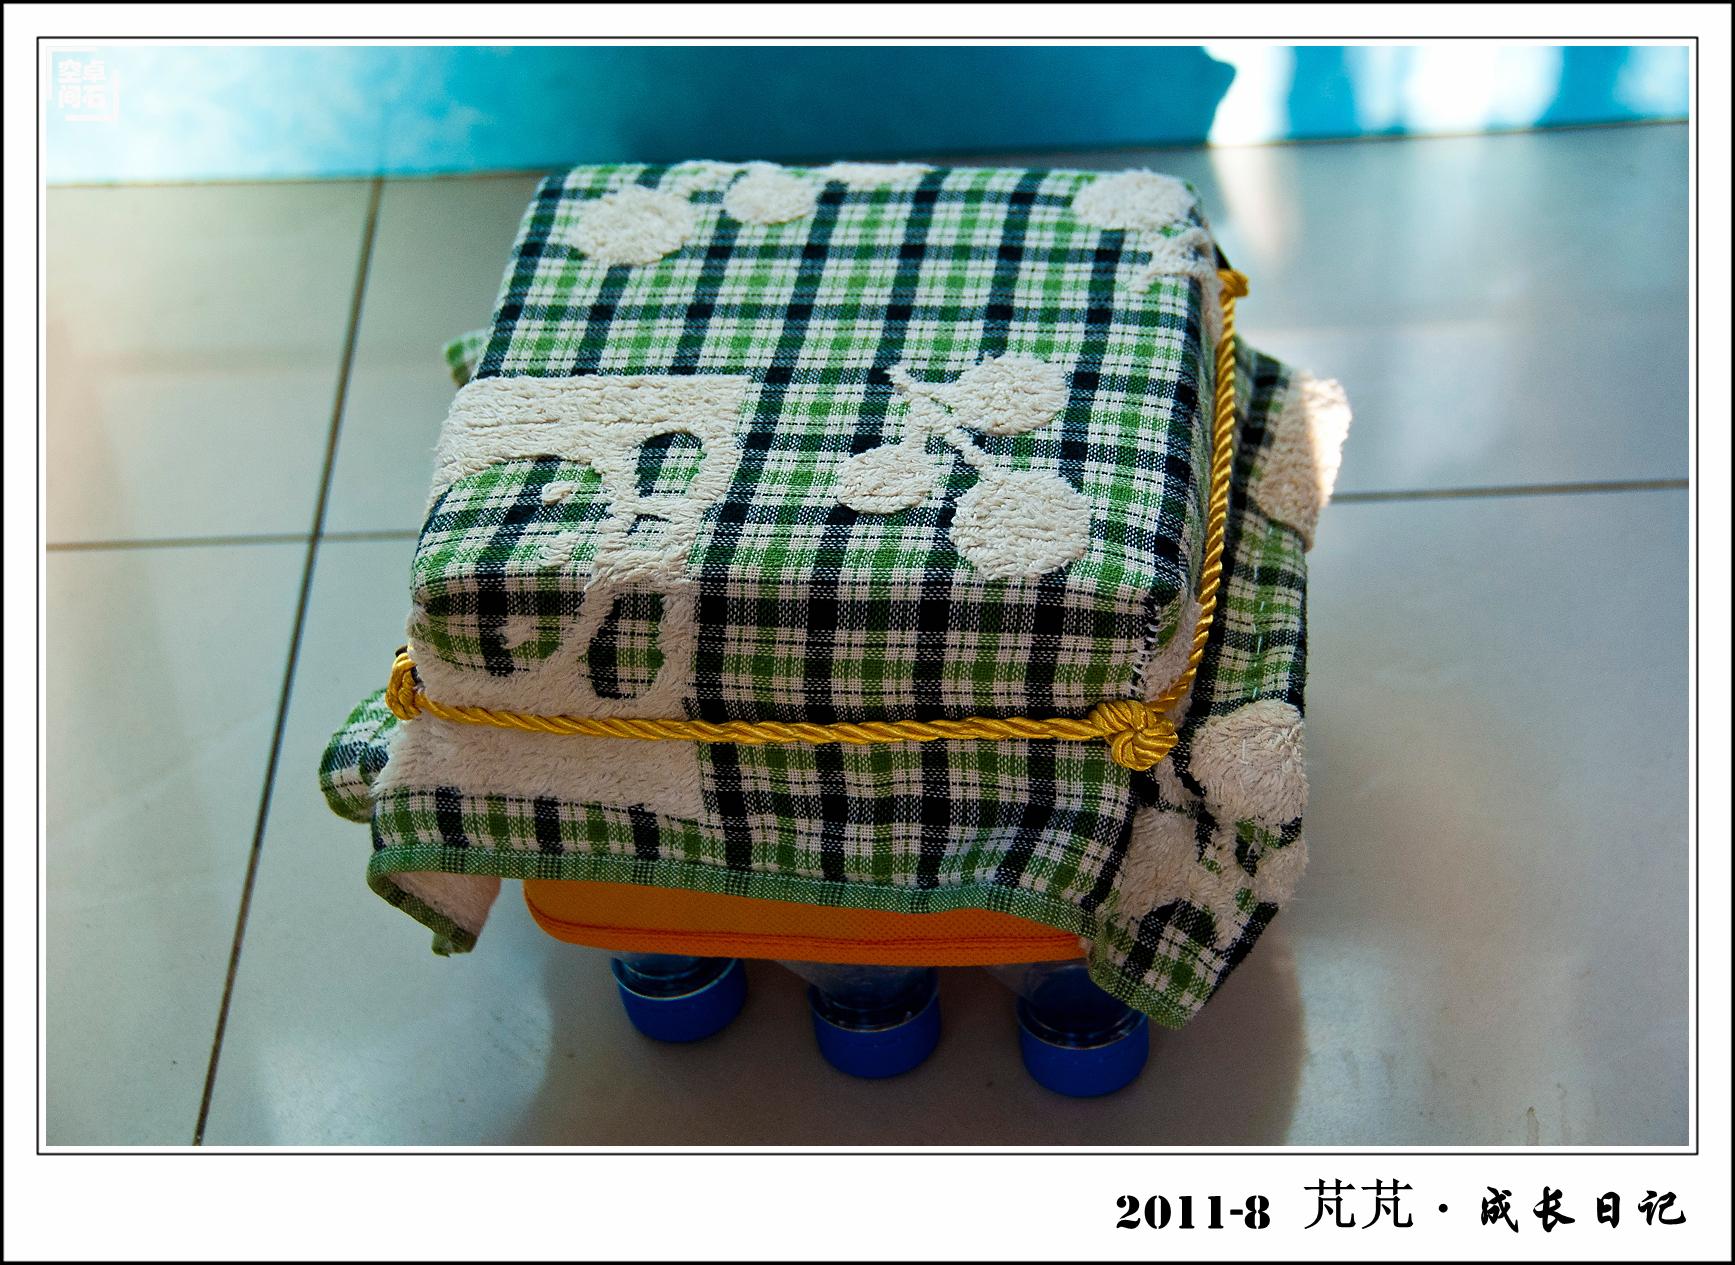 幼儿园要求做工手工艺品,全家动手做了个小板凳,用9个小矿泉水瓶搭的图片